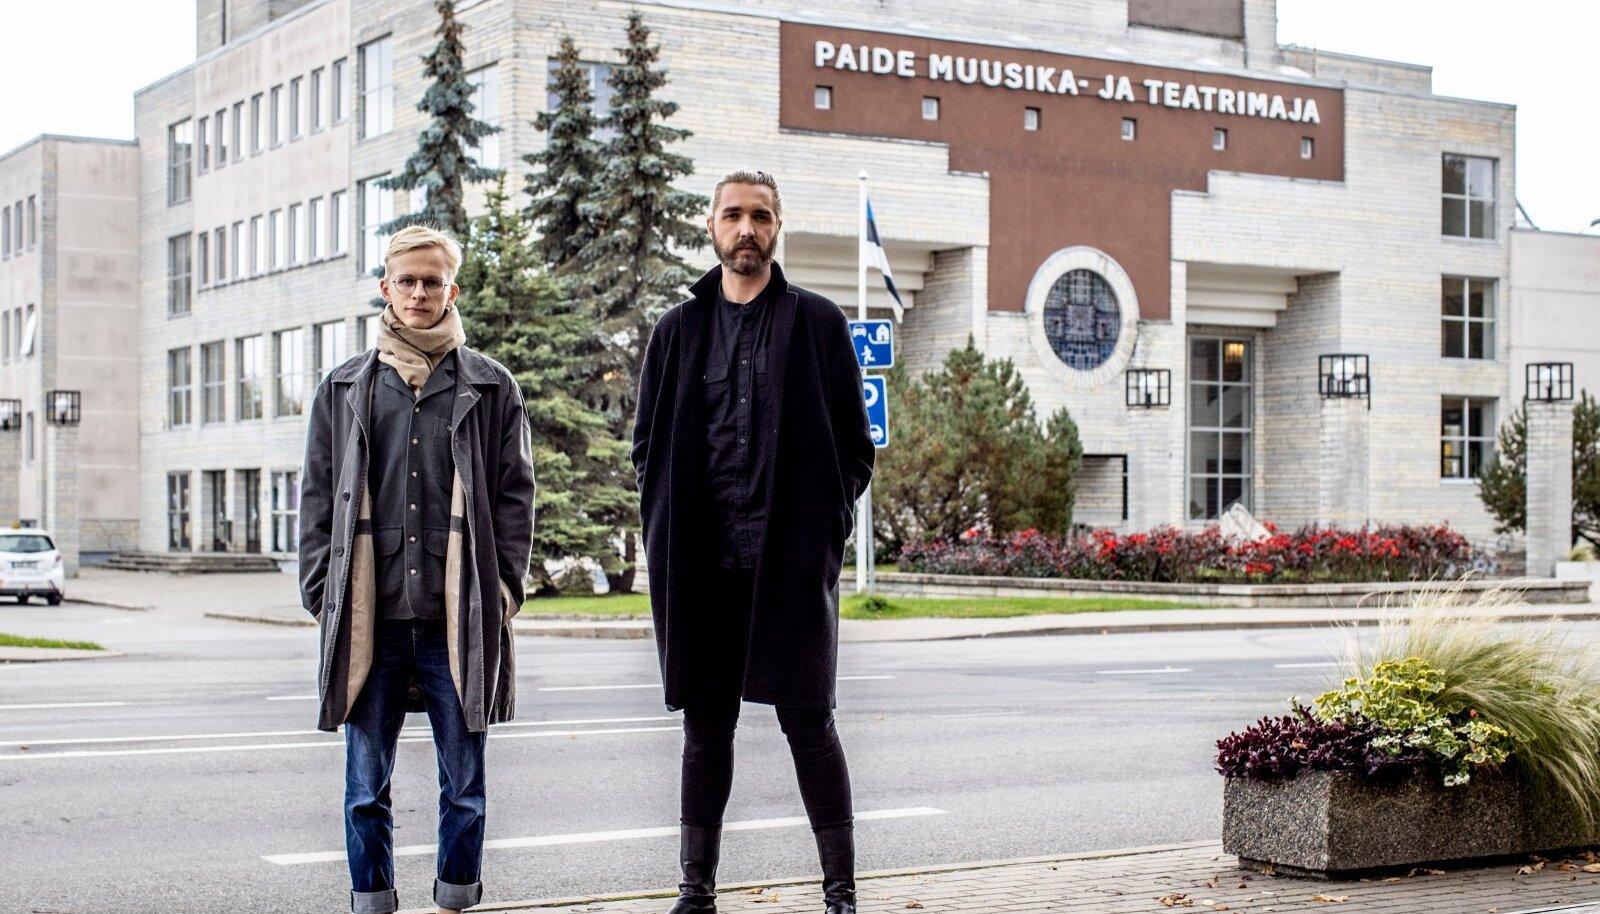 Oliver Issak ja Jan Teevet toovad kohaliku poliitika lavale. 100 päeva jooksul tulevad Paide teatri lavale linnaelanikud, kes arutavad omakeskis läbi kõik samad küsimused, mis ka linnavolikogu laual on.